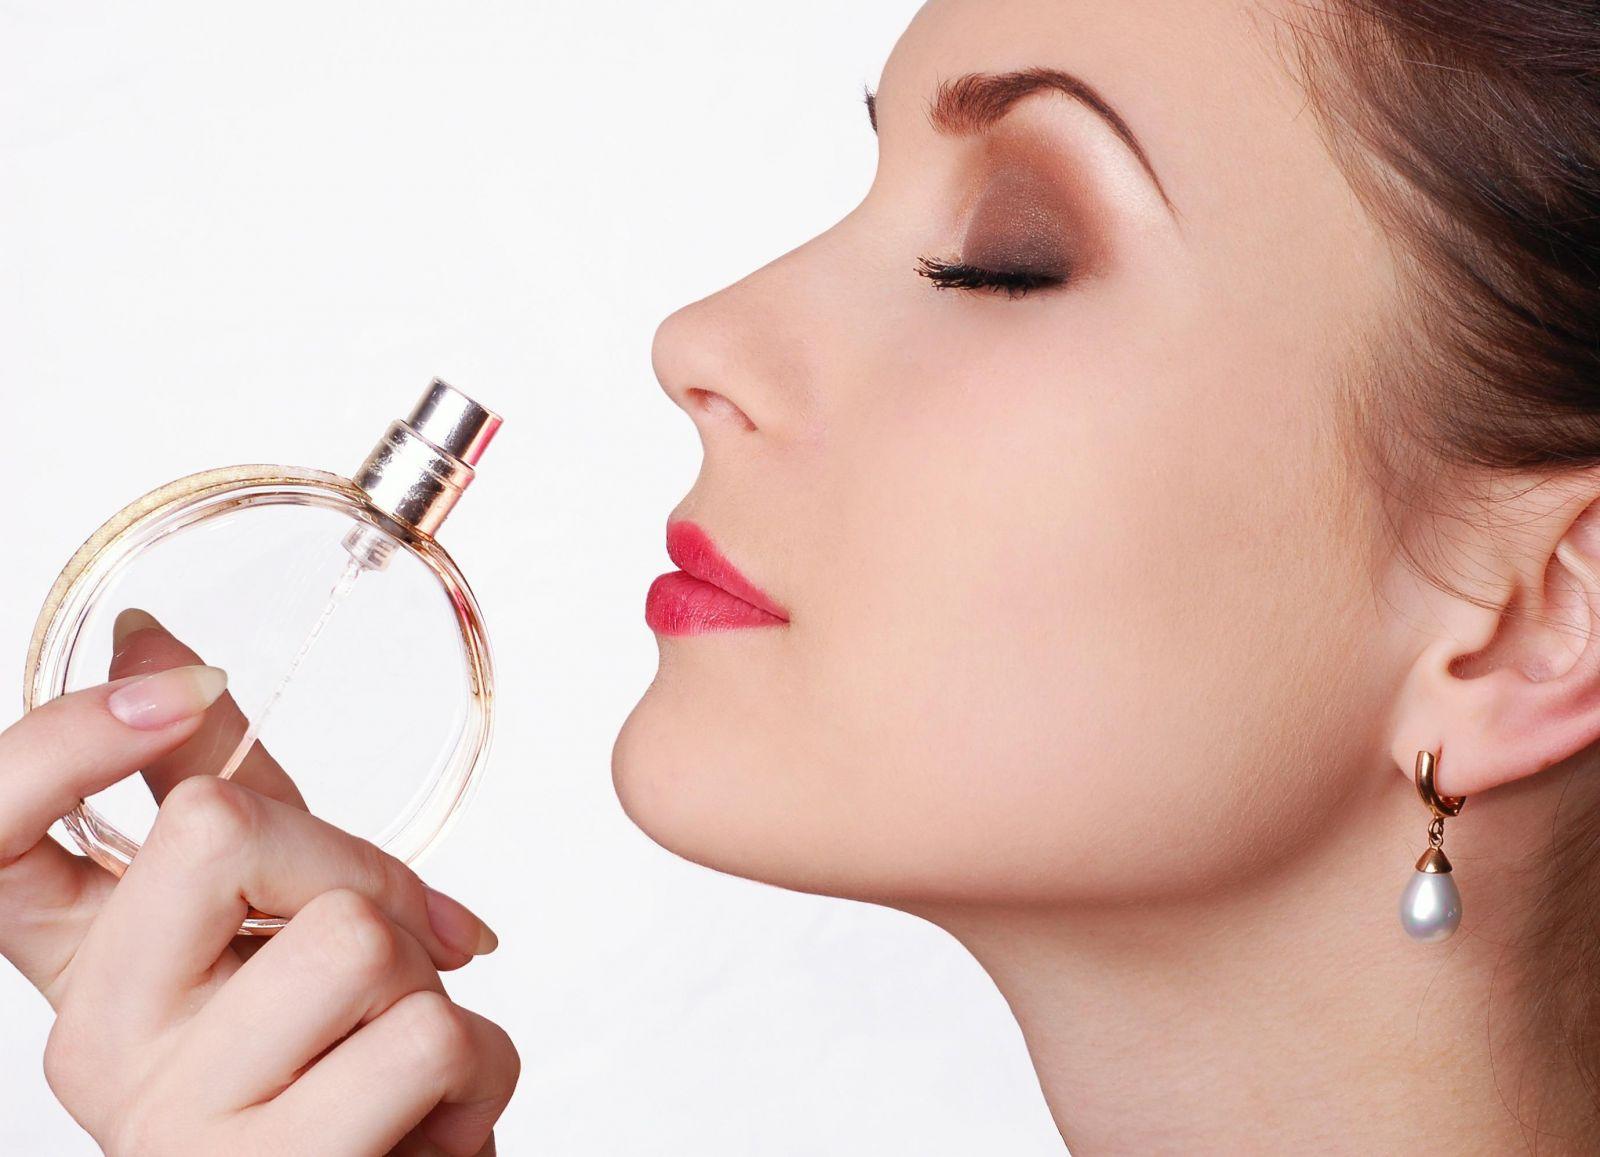 Как привлечь мужчину при помощи аромата: советы экстрасенса - фото №2